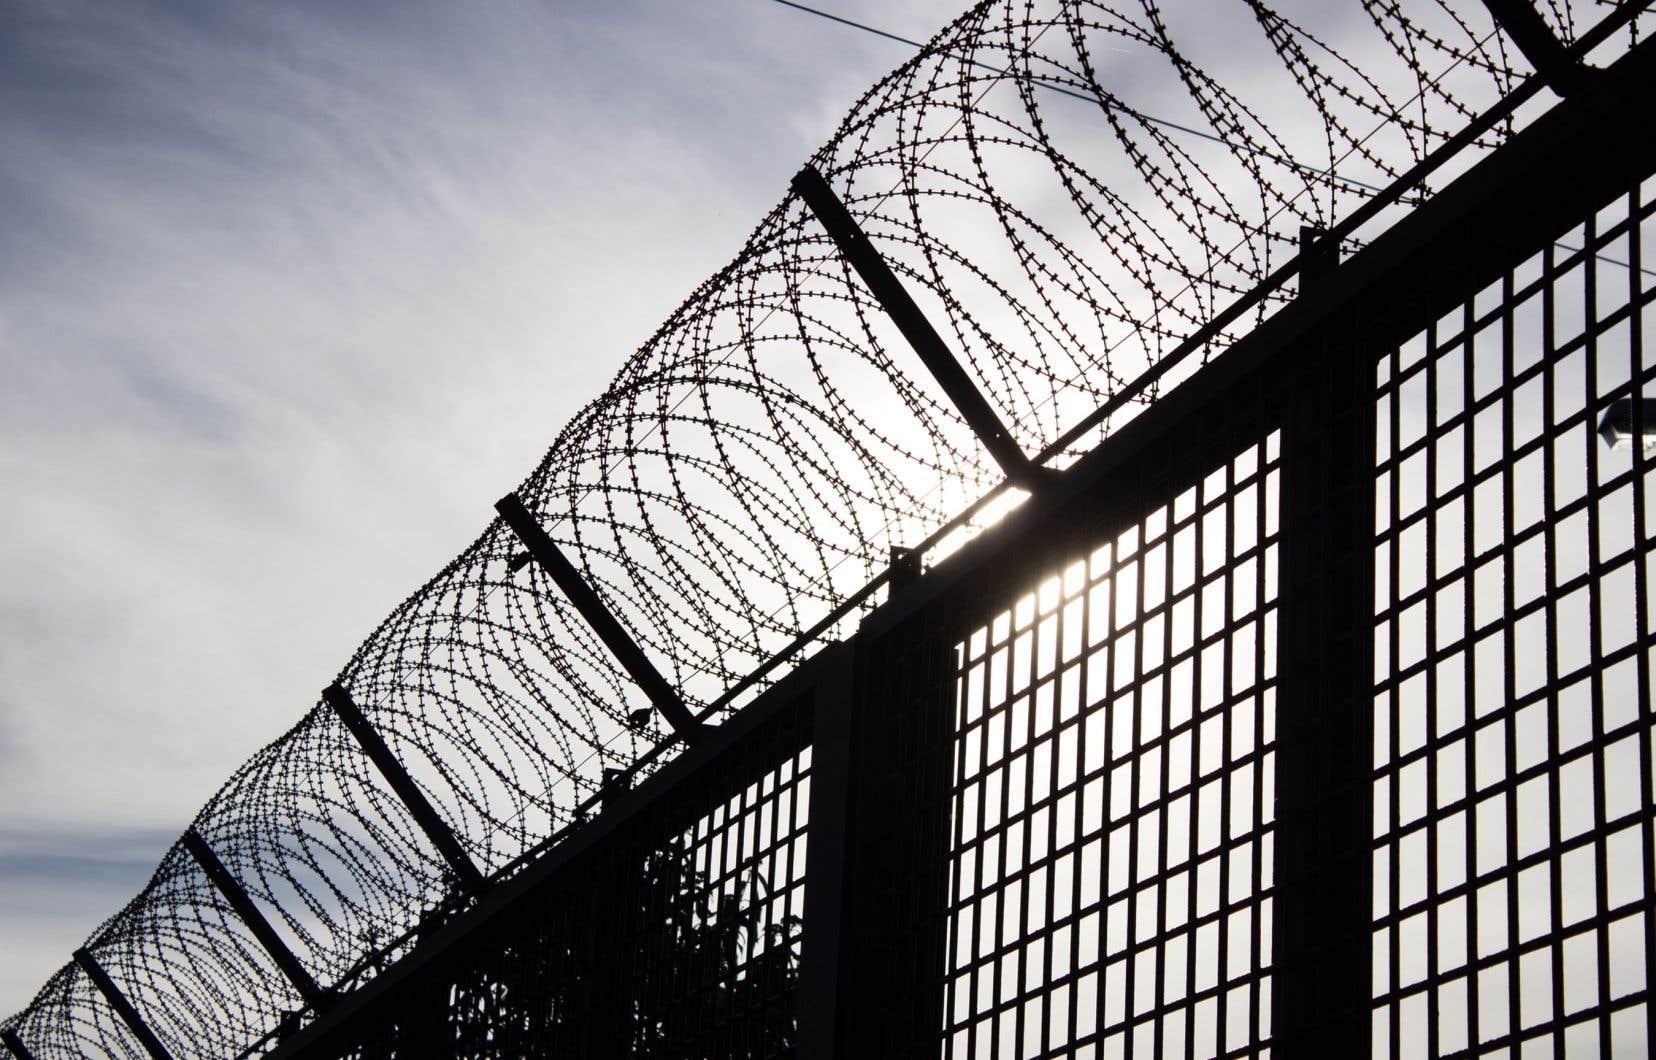 «L'histoire nous montre que le réflexe de faire des coupes dans l'éducation, particulièrement auprès de personnes sous-scolarisées comme c'est le cas chez les personnes incarcérées, engendre des conséquences beaucoup plus néfastes à long terme», soulignent les auteurs.